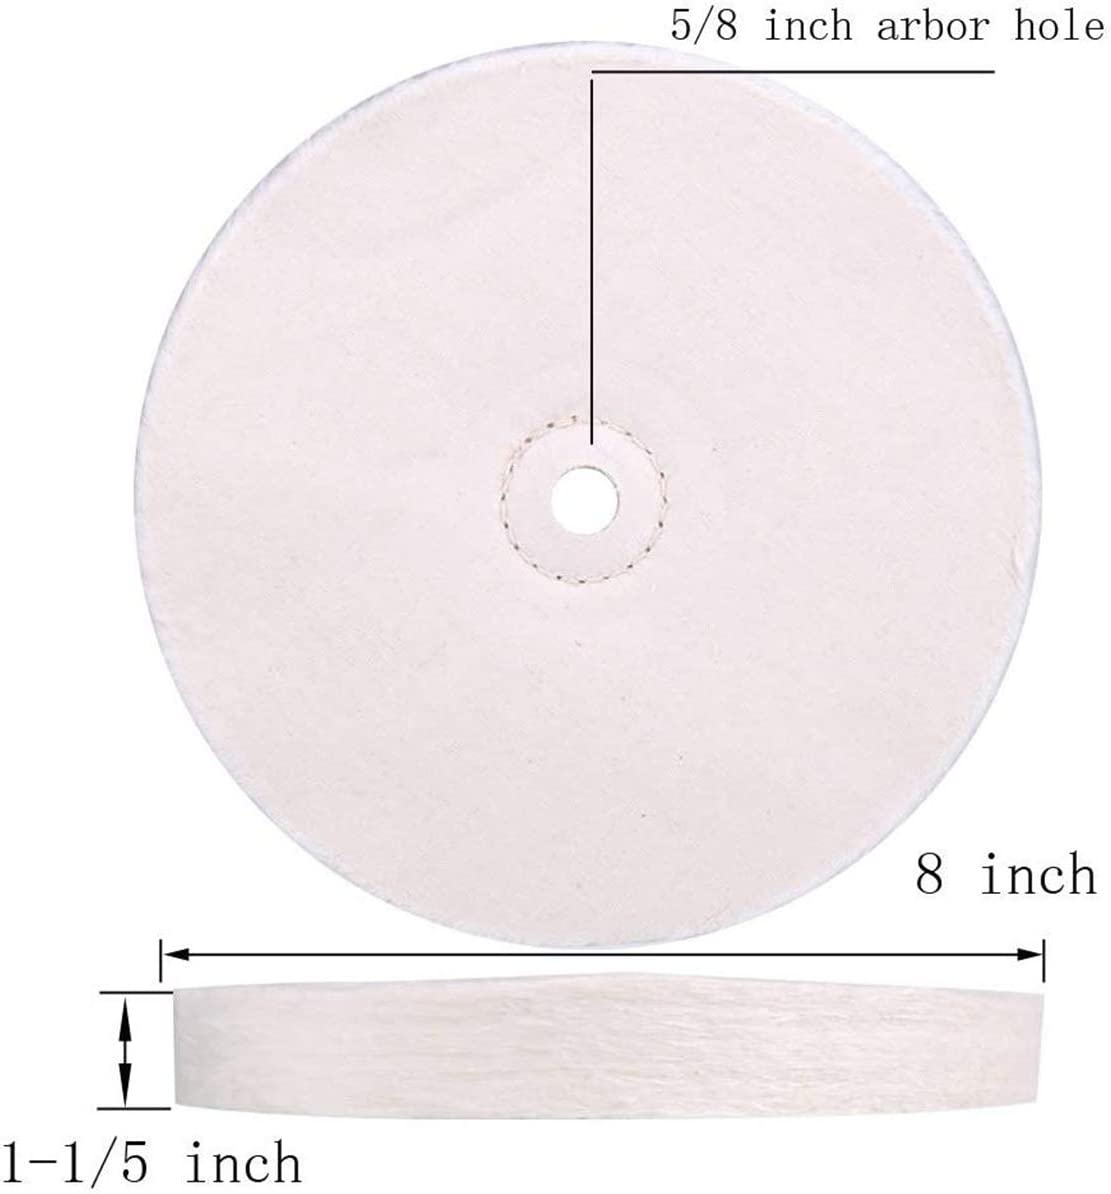 de 8 pulgadas 1 paquete Rueda de pulido pulidora de sisal cosida en espiral extra gruesa 1 pulgada